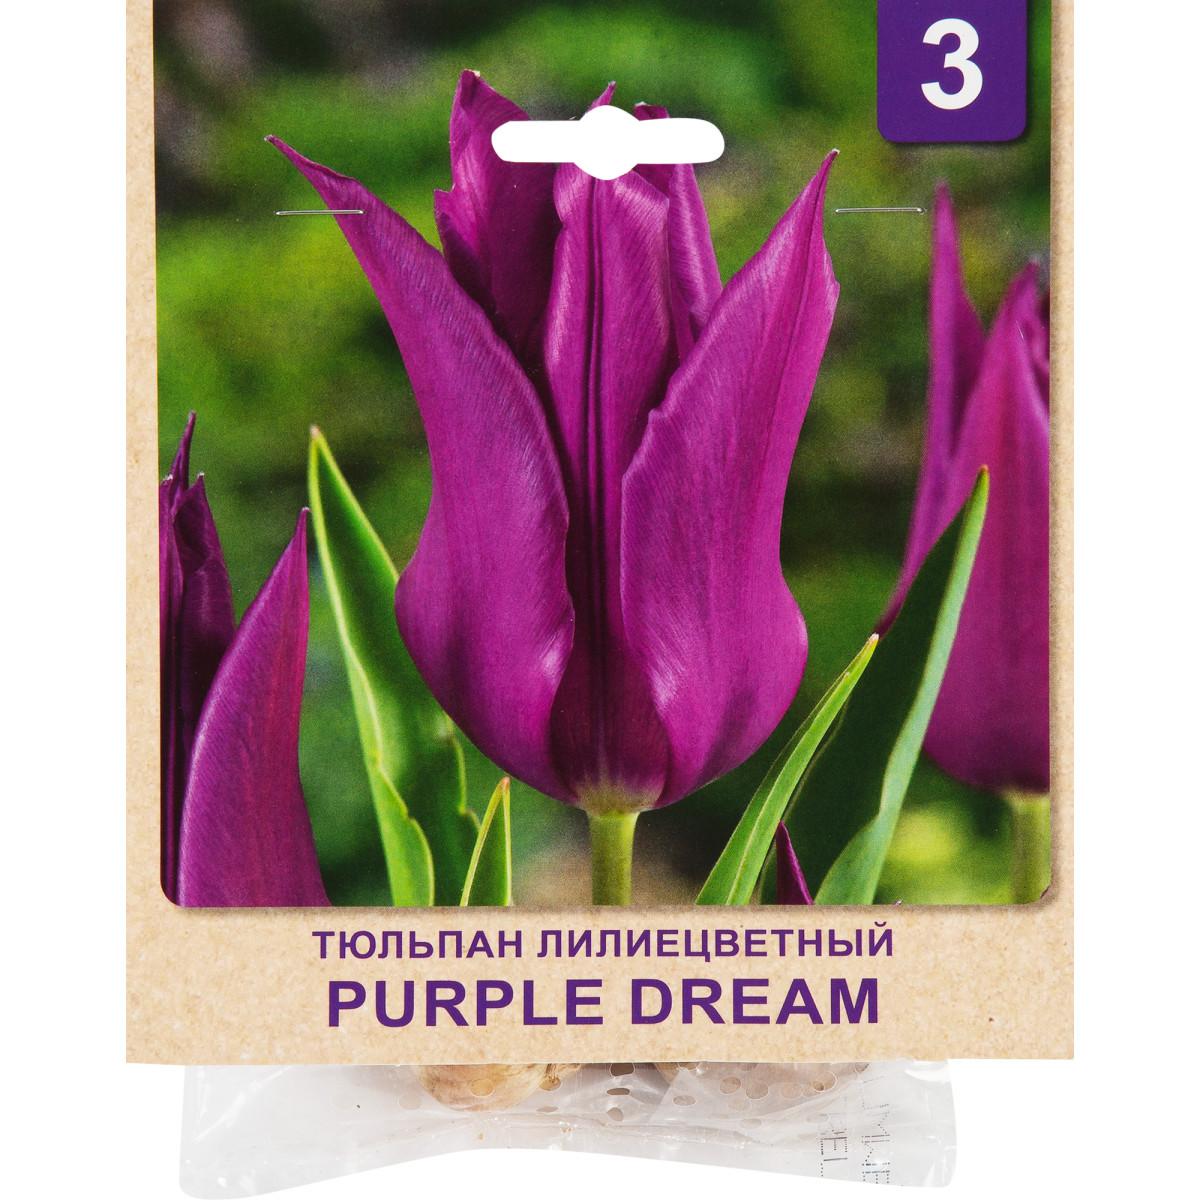 Тюльпан Purple Dream размер луковицы 10/11 3 шт.